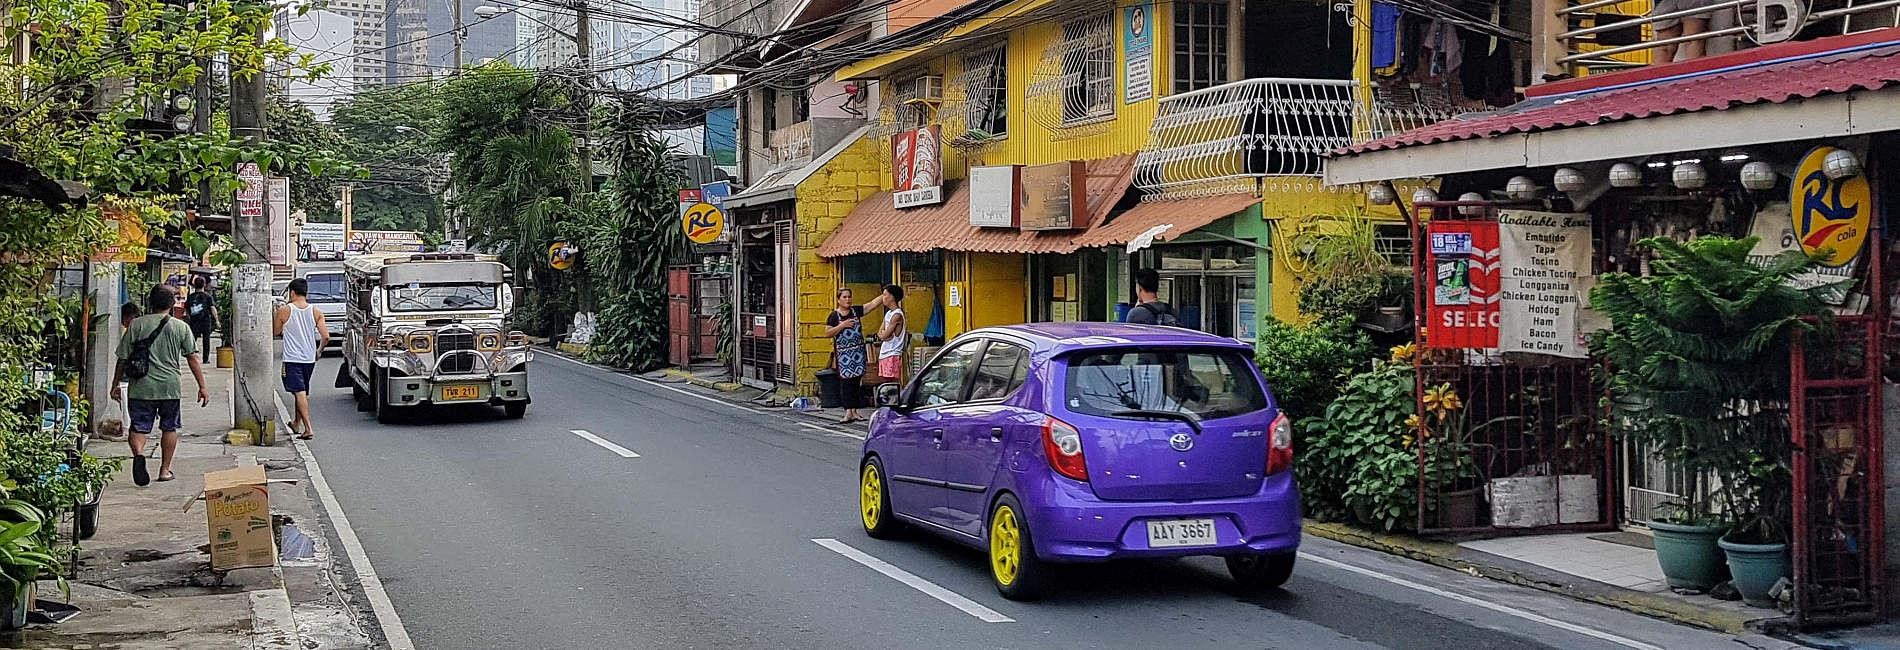 Straße in Manila mit Fahrzeugen und Passanten